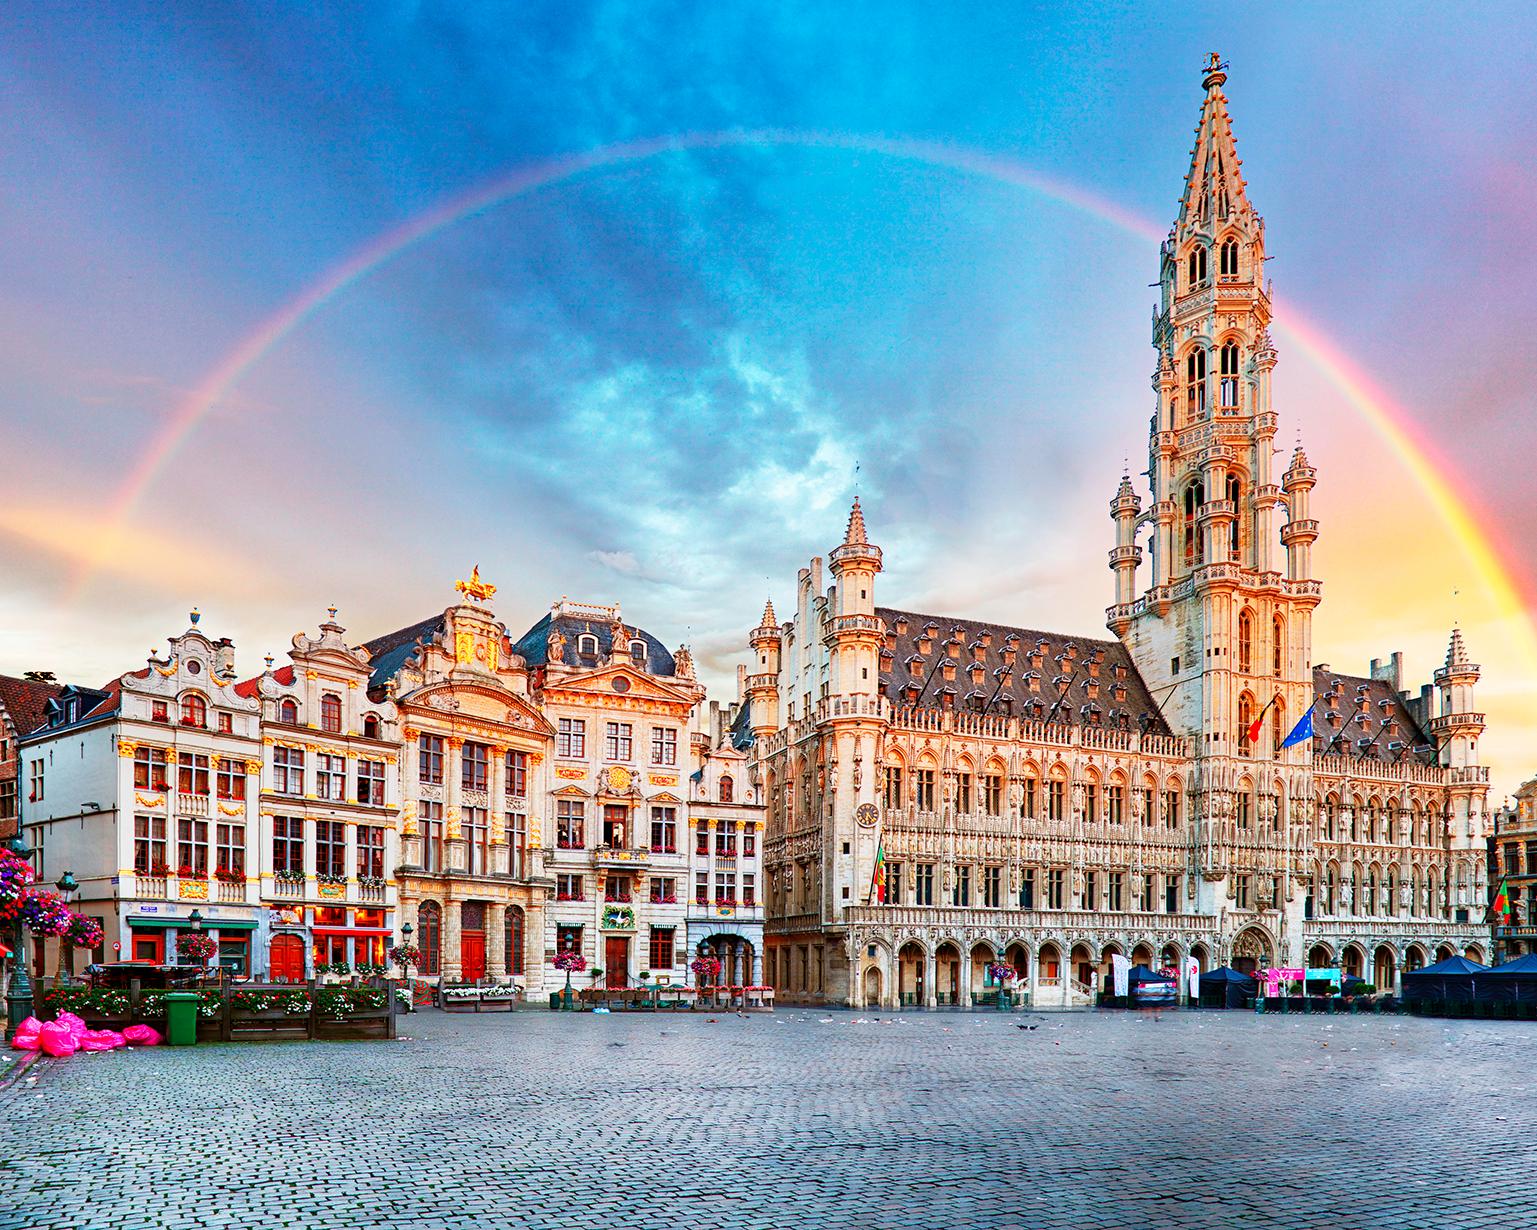 Un viaje a Bruselas y el símbolo de la paz, el Atomium